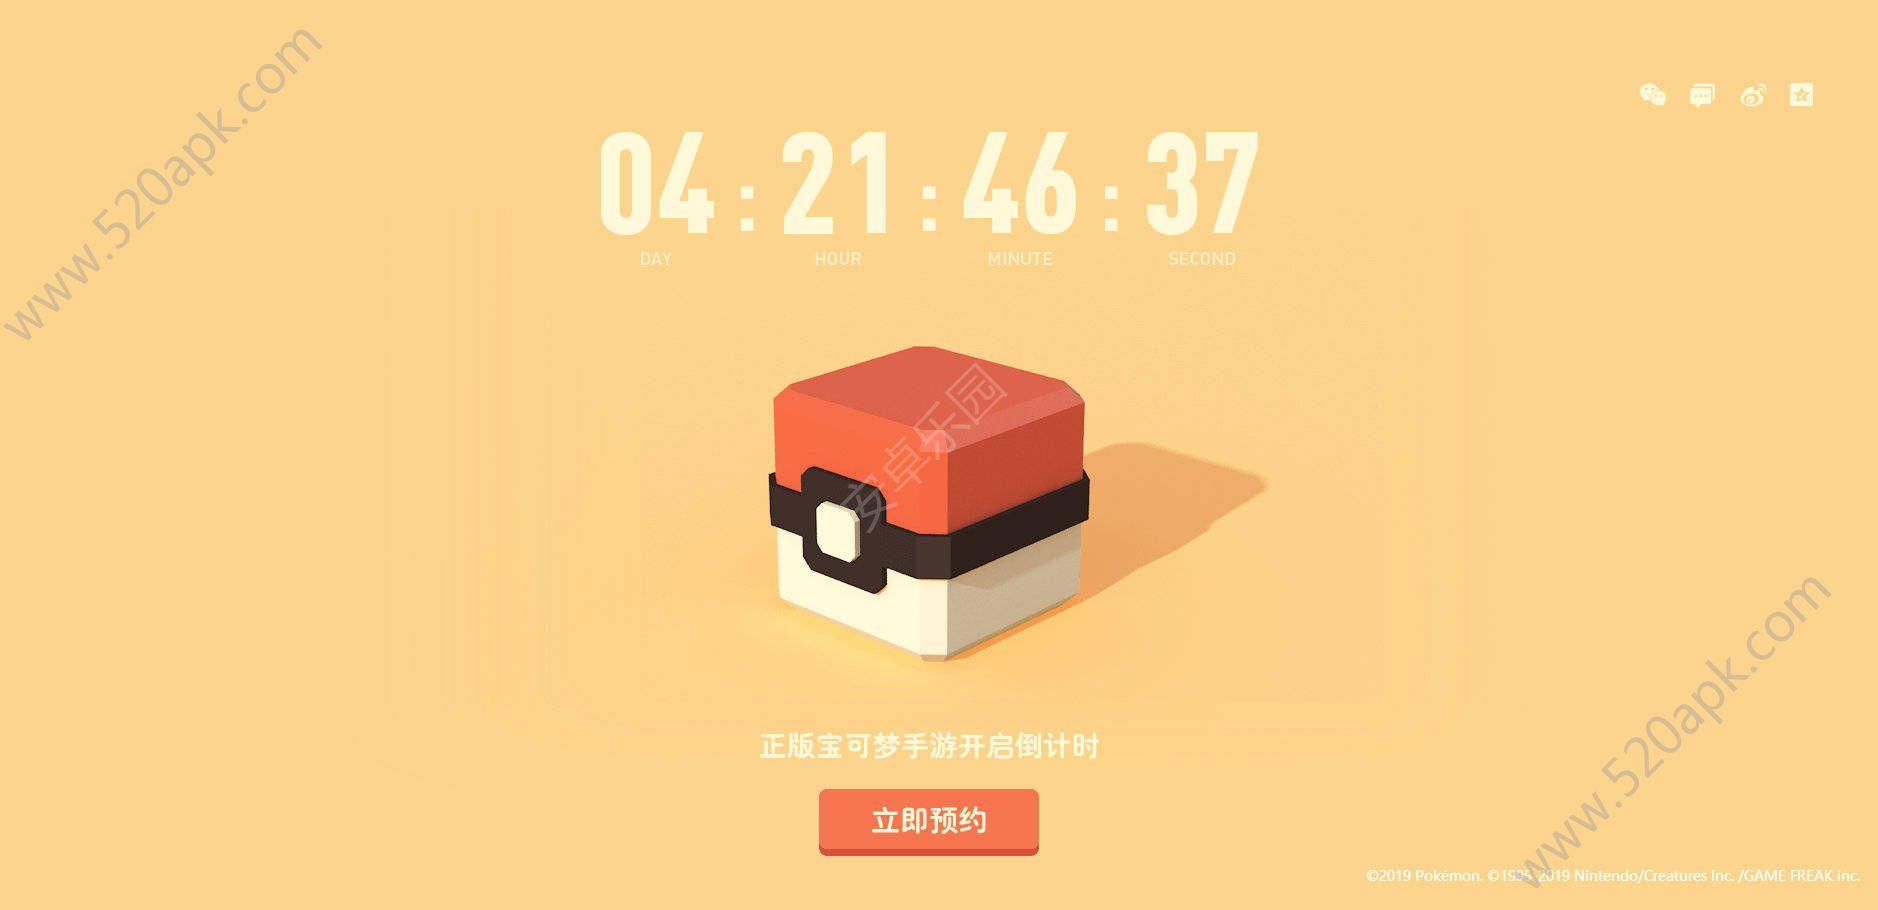 网易宝可梦大探险手机必赢亚洲56.net正版官方网站下载  v1.0图2